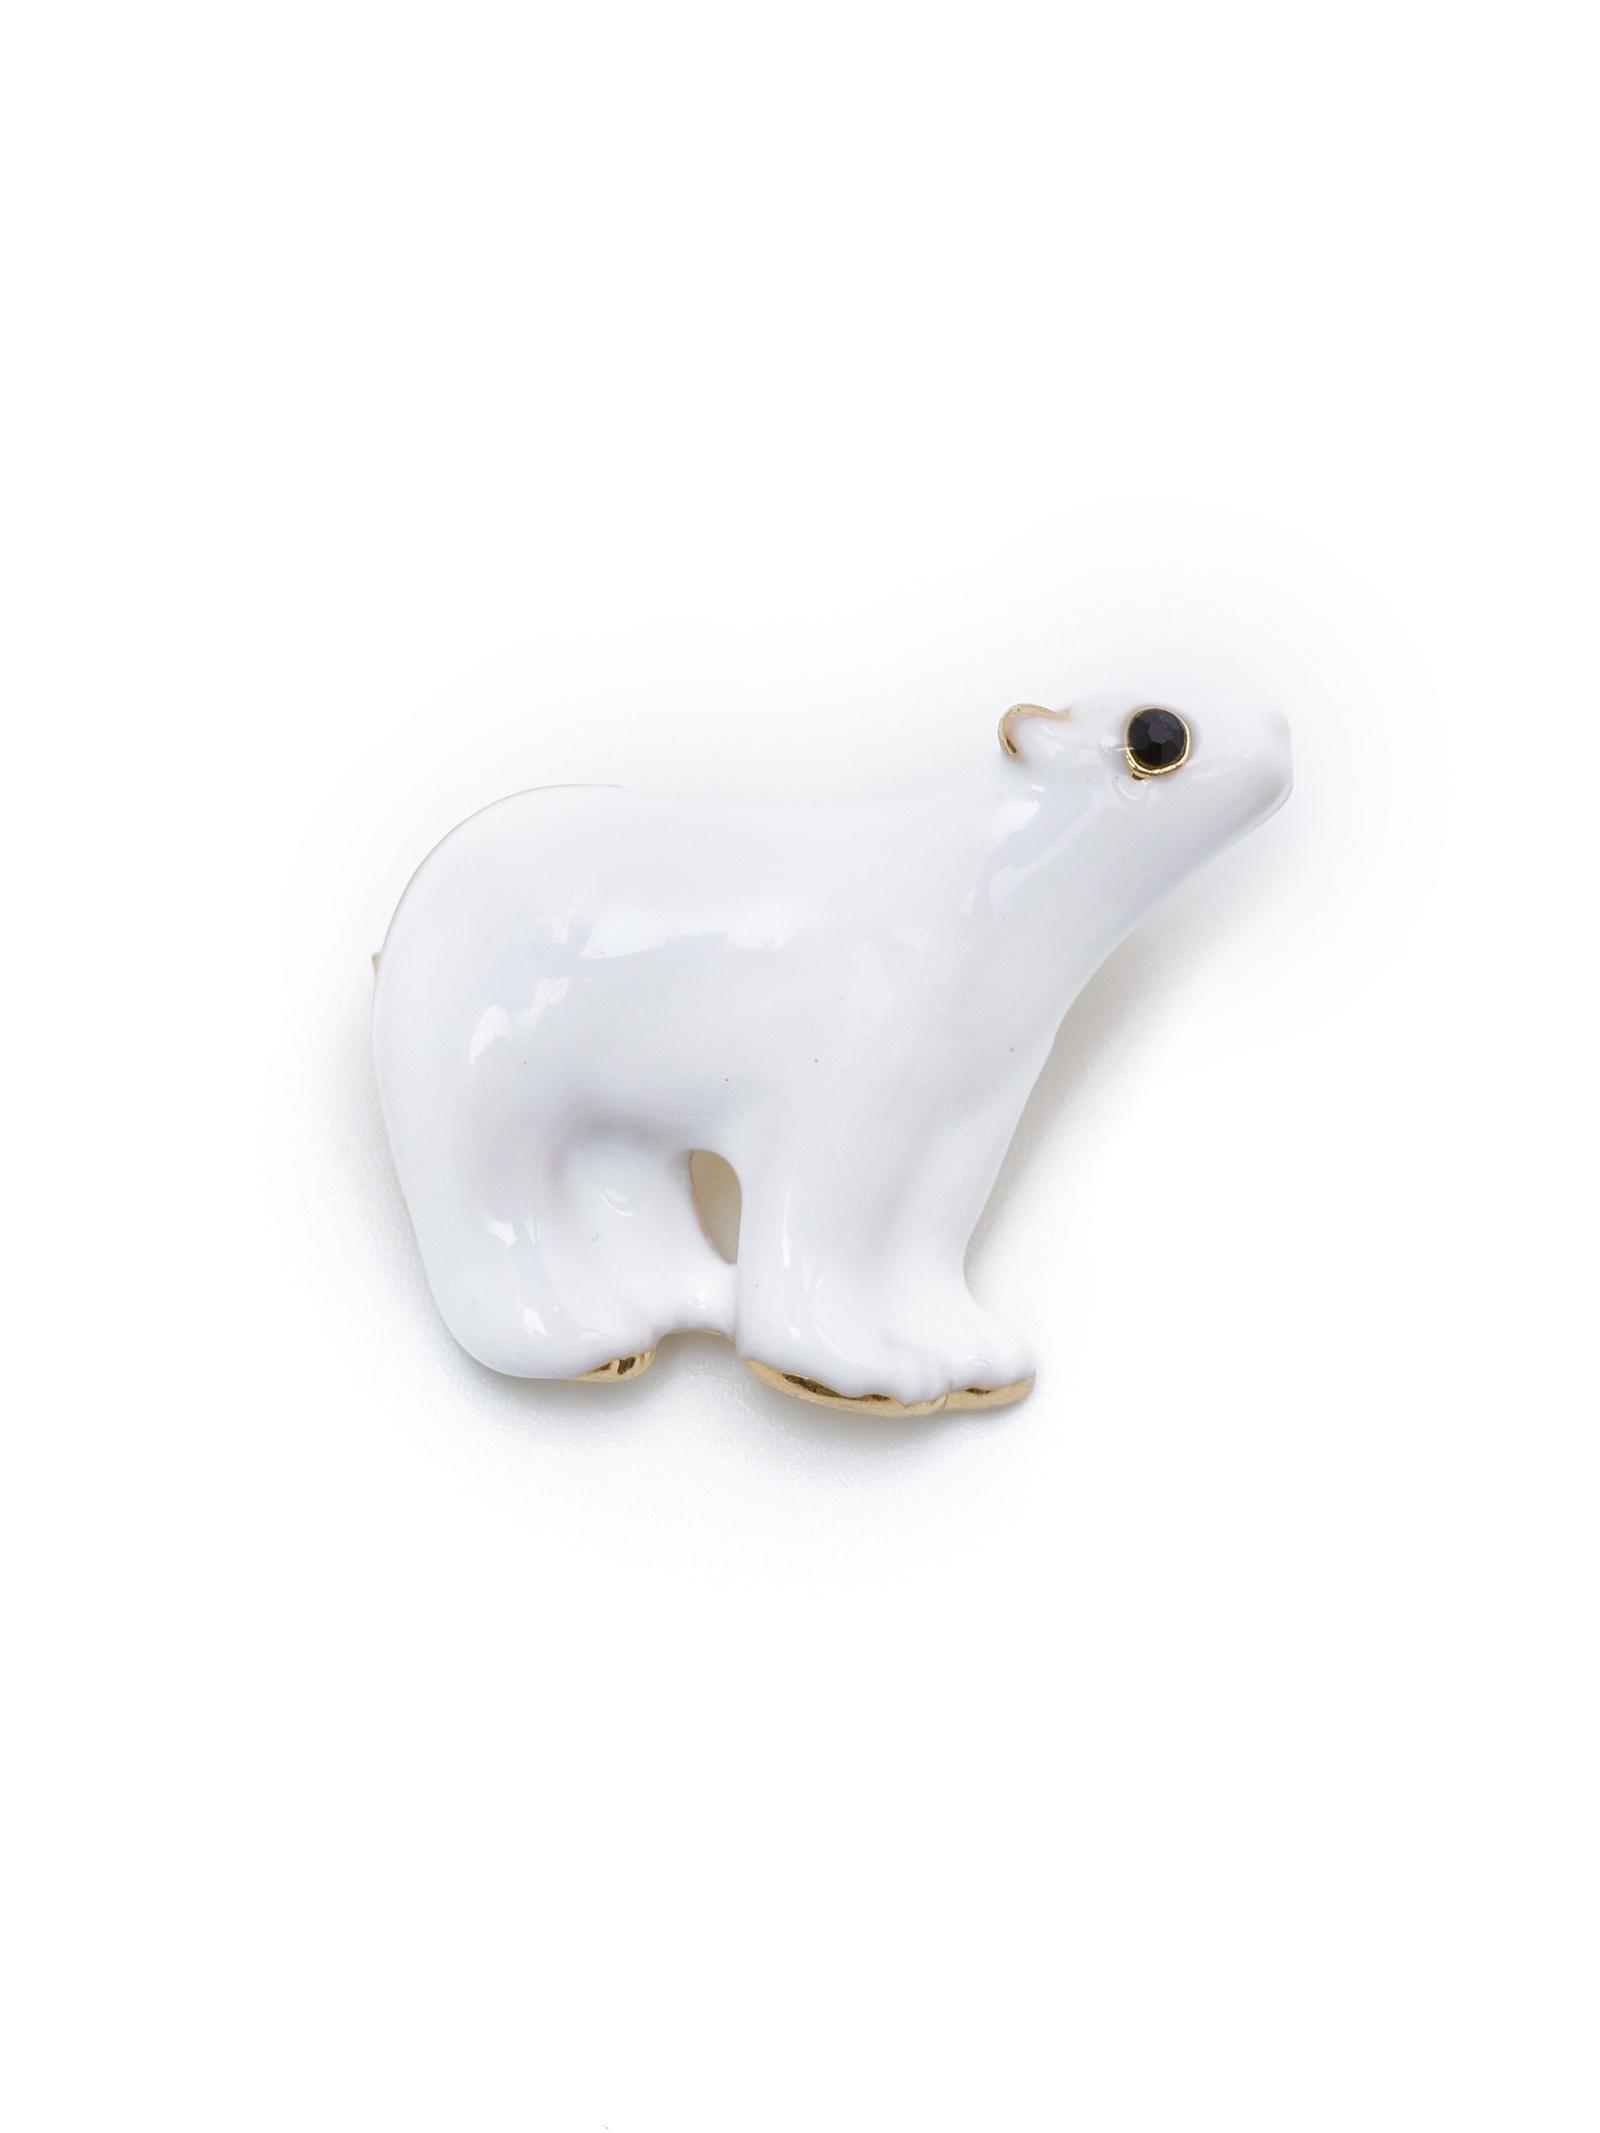 Брошь бижутерная ЖемАрт брошь медведь